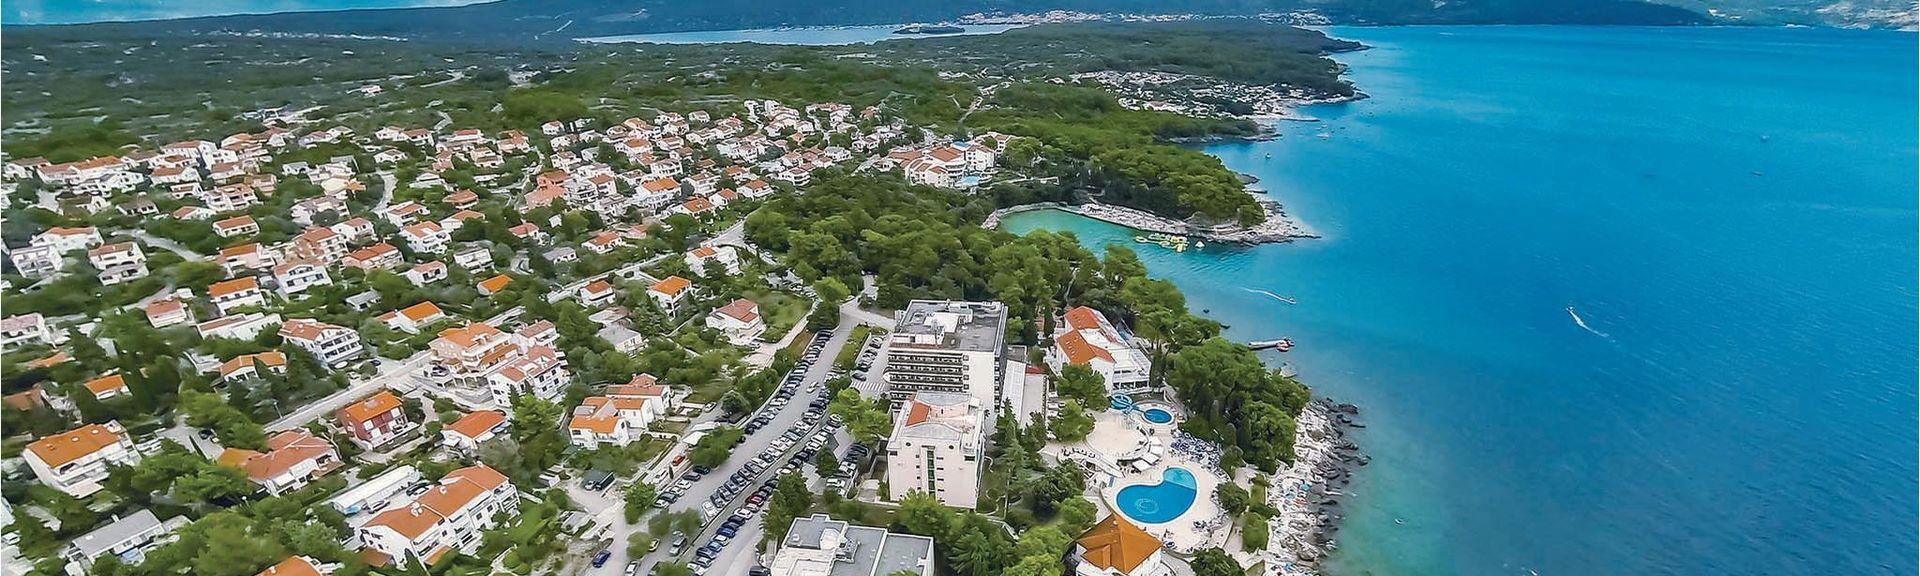 Garica, Vrbnik, Primorje-Gorski Kotar, Croatia